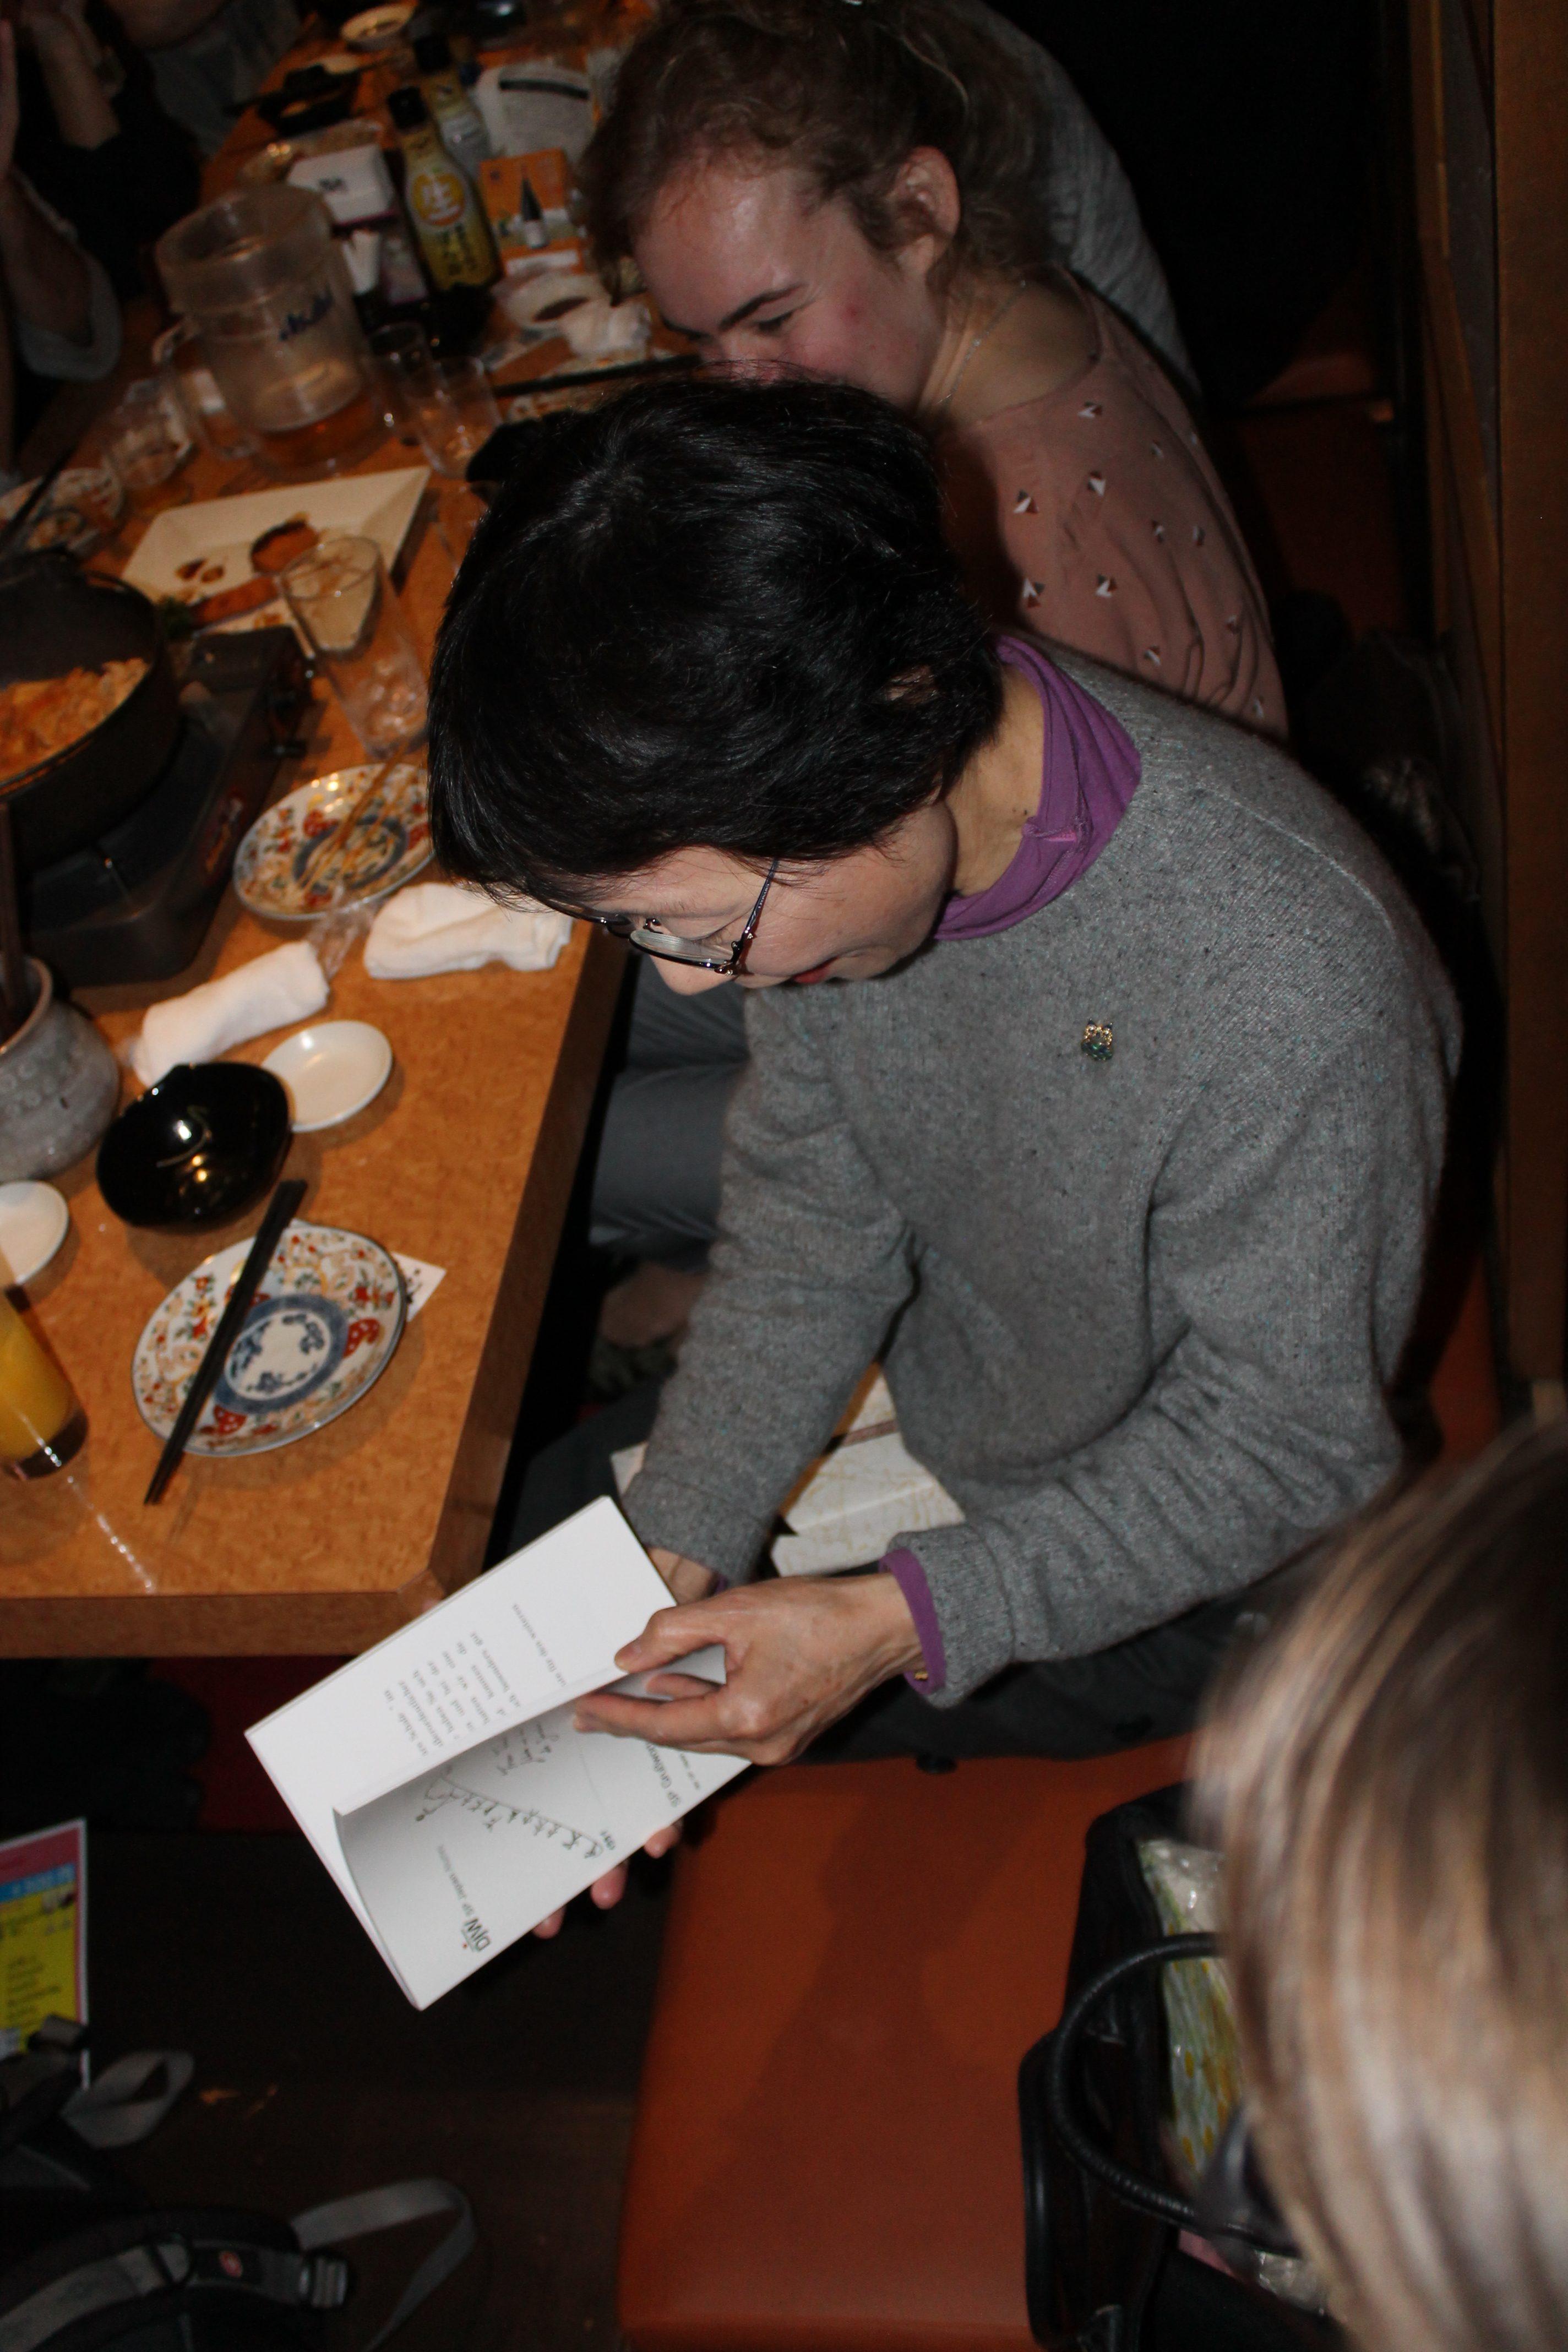 Frau Takeda blaettert durch das Fotobuch